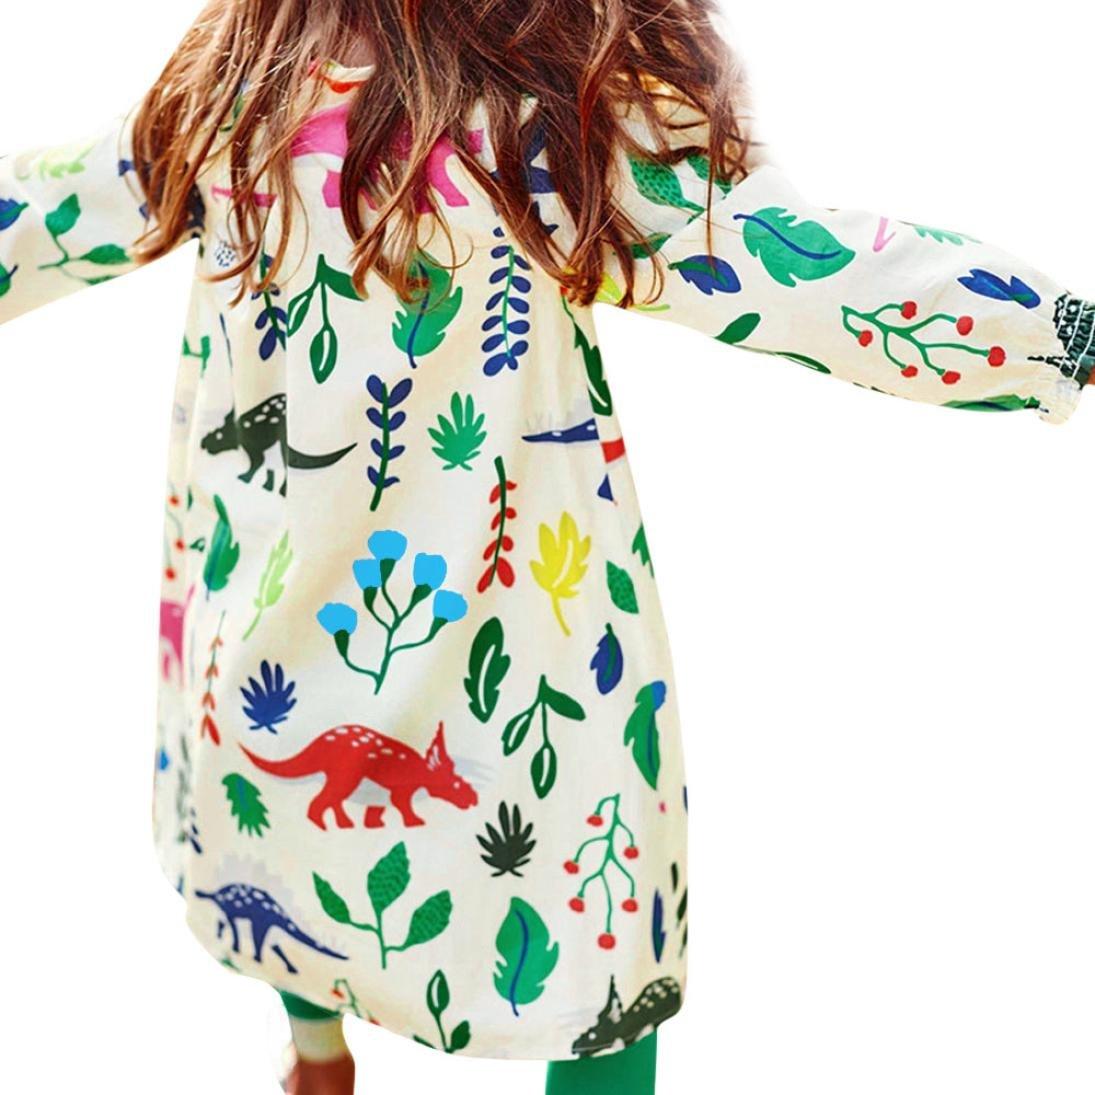 Für 2-7 Jahre Mädchen Kleid, Janly Kinder Dinosaurier Pflanzen Gedruckt Mini Kleider Pullover Kinder Baumwolle Herbst Kleidung (Alter: 2 Jahre alt)